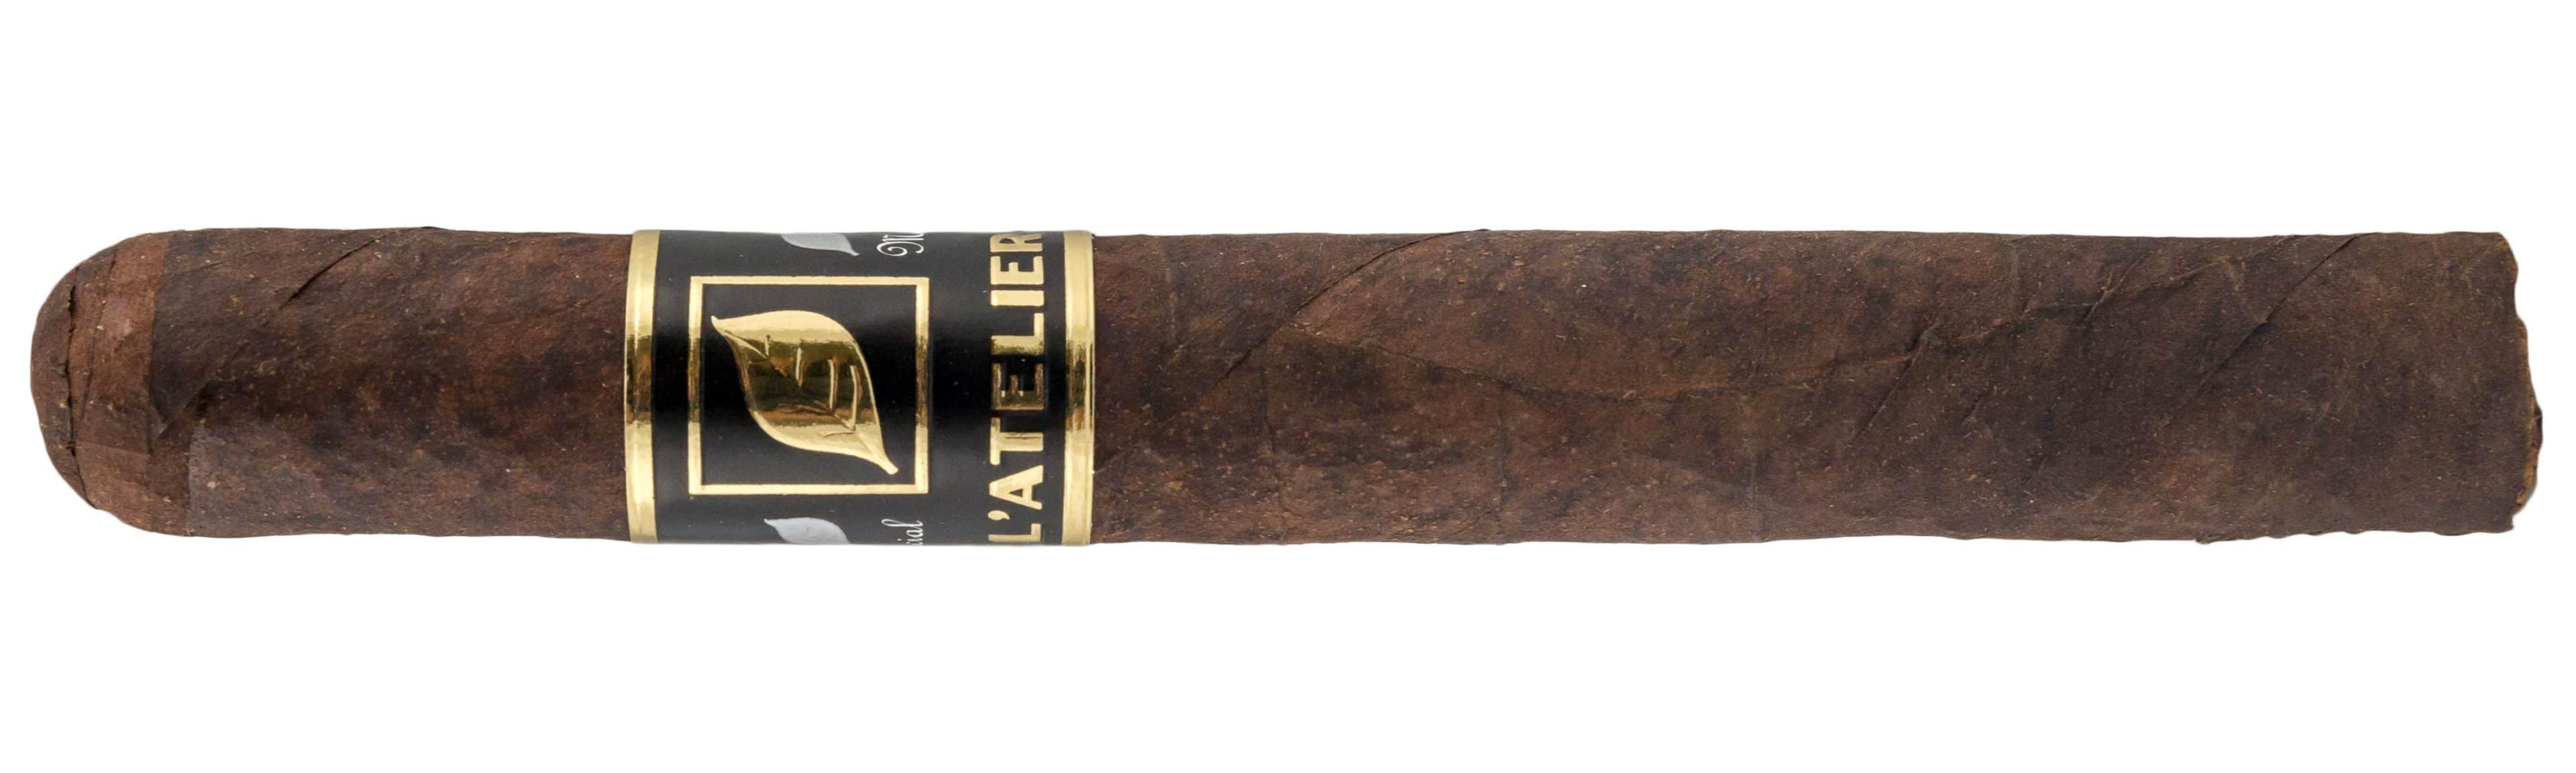 Blind Cigar Review: L'Atelier | Identité Mélange Spécial No.2